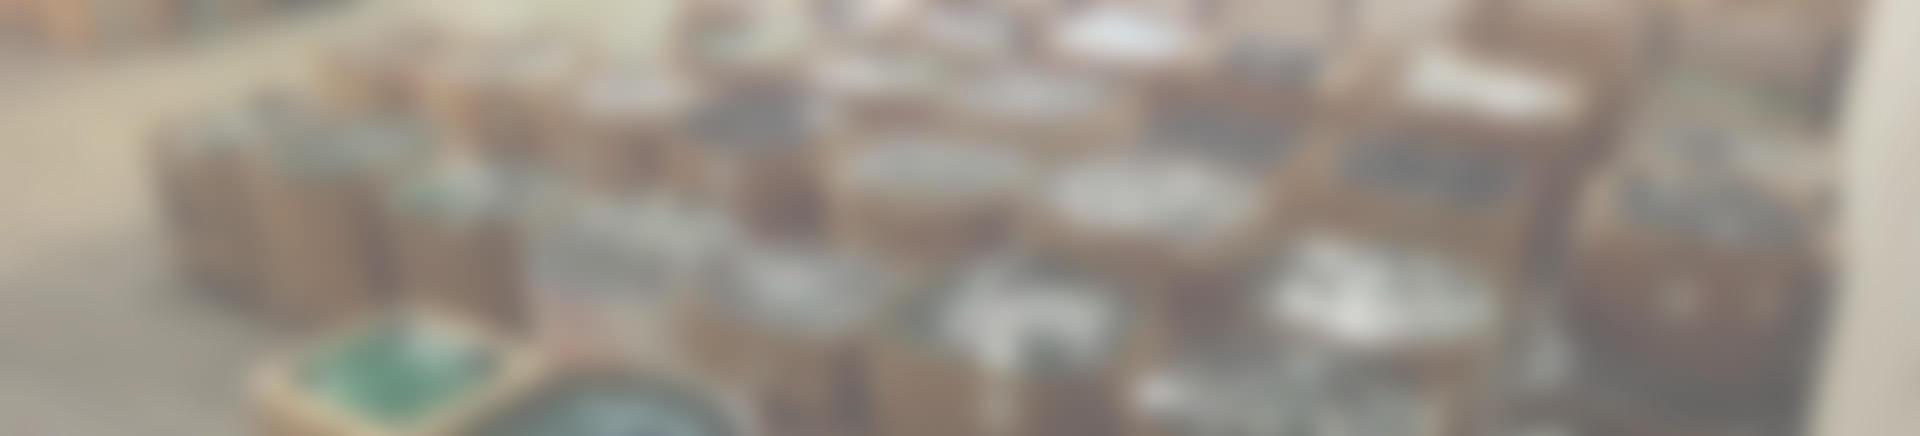 slider02-blur